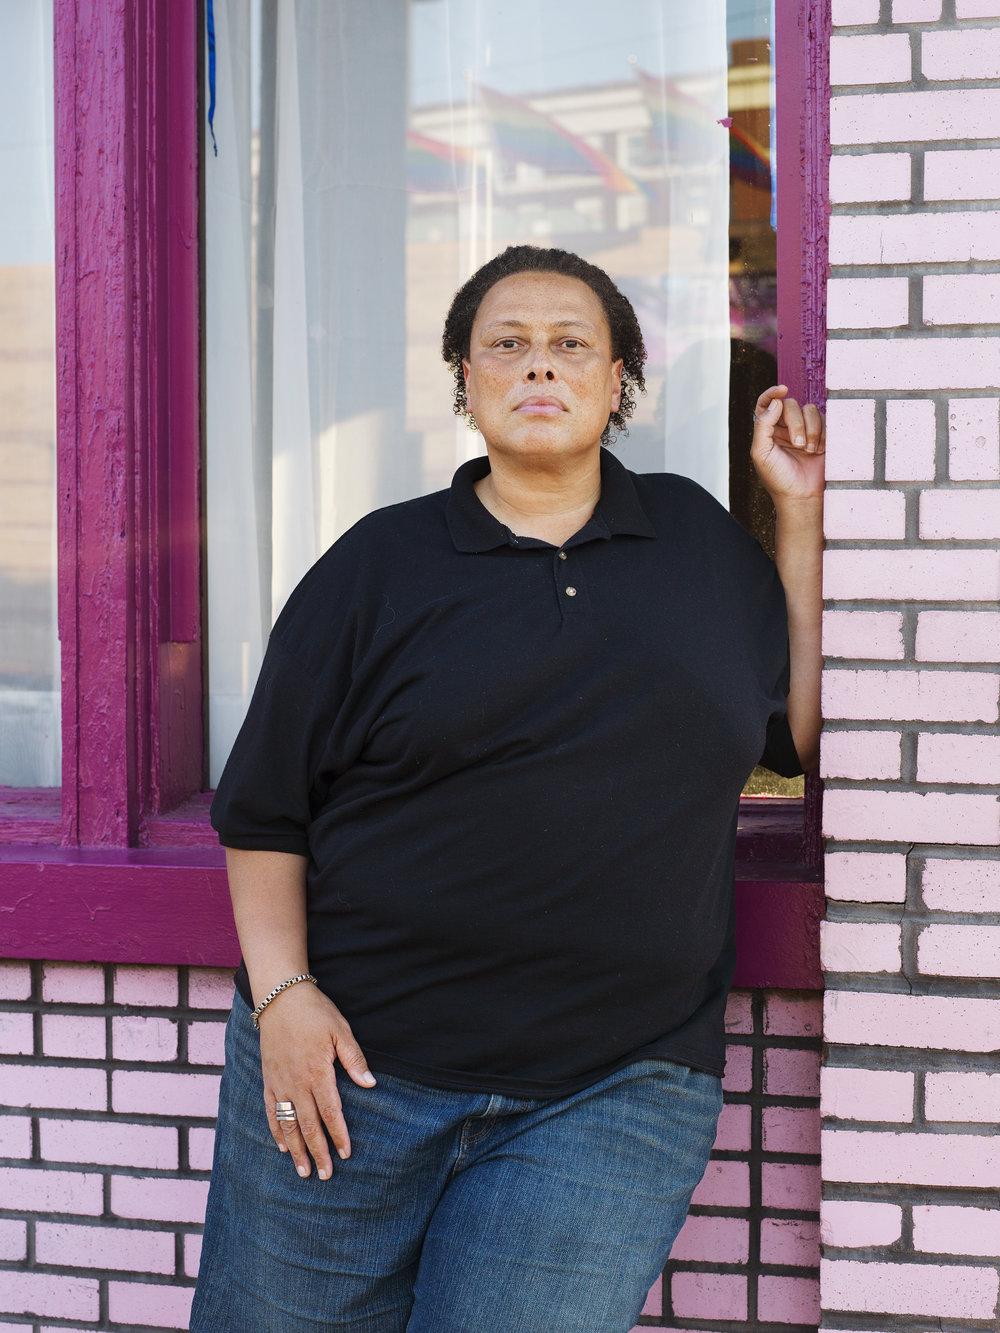 Leon, 55, St. Louis, MO, 2016